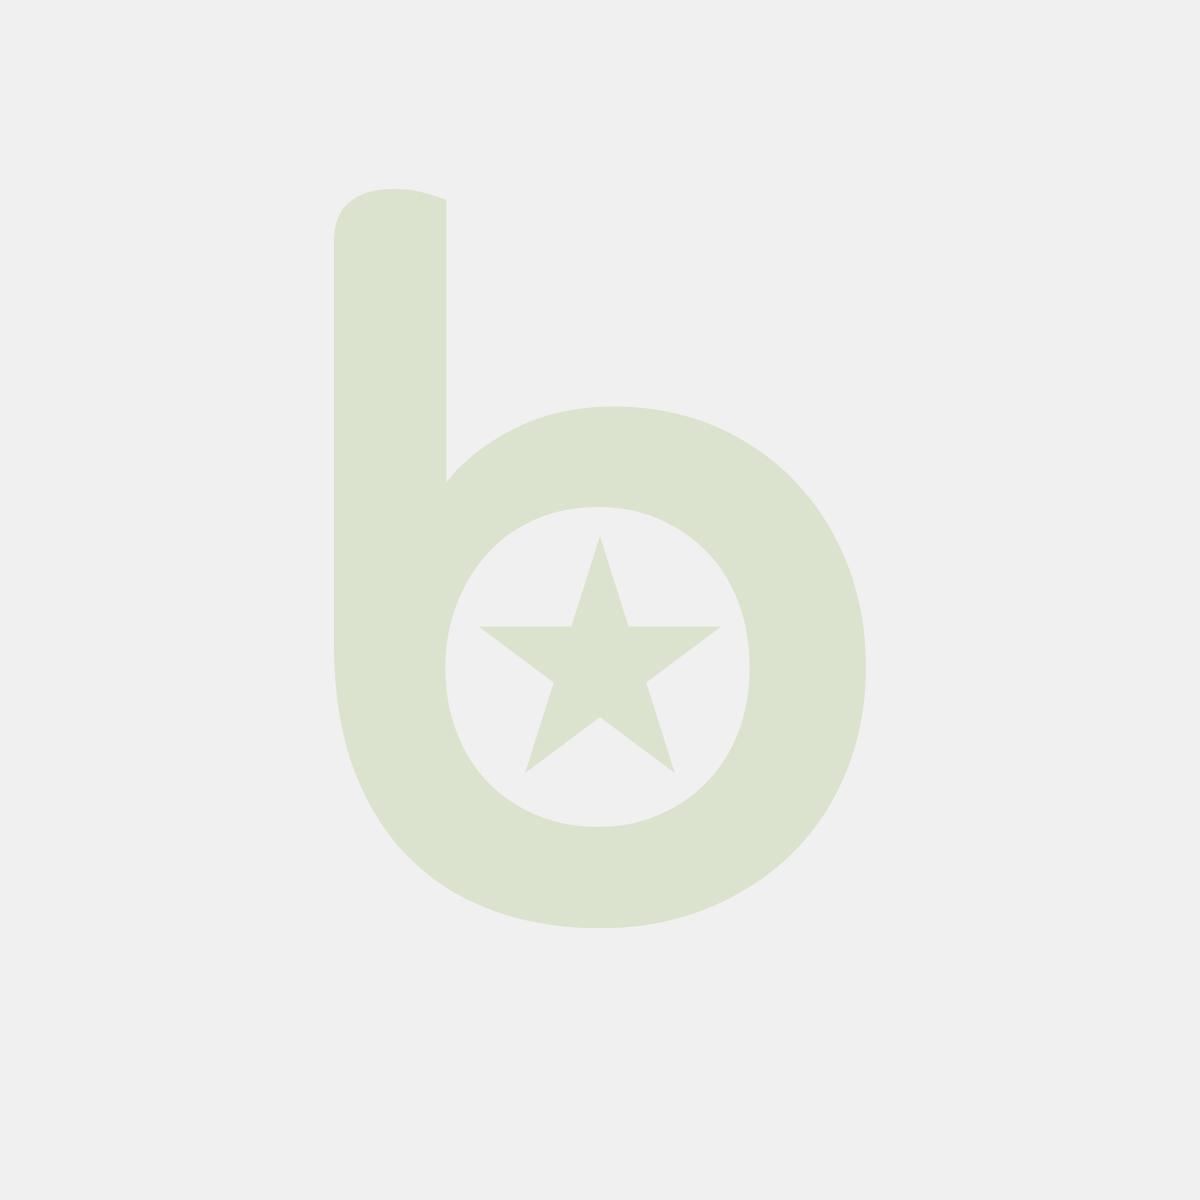 Kubek do sorbetu/granity/slush Płaski dekielek 350 ml/12oz czerwony, cena za opakowanie 54szt